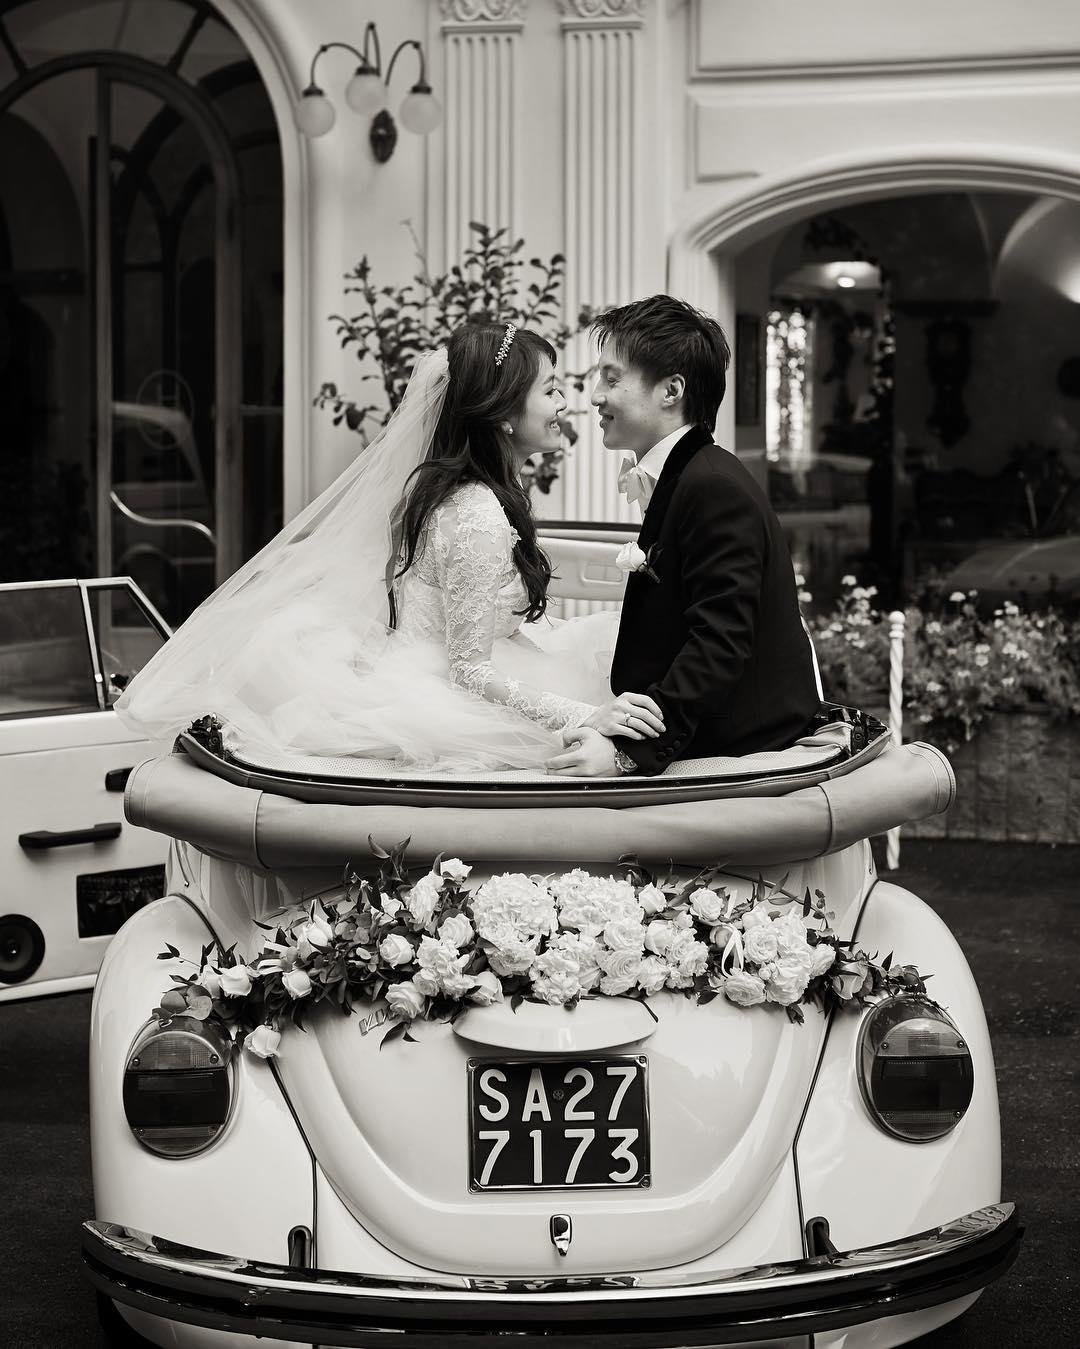 TPIiyBaZTGg - Свадьбы в ноябре (15 фото)